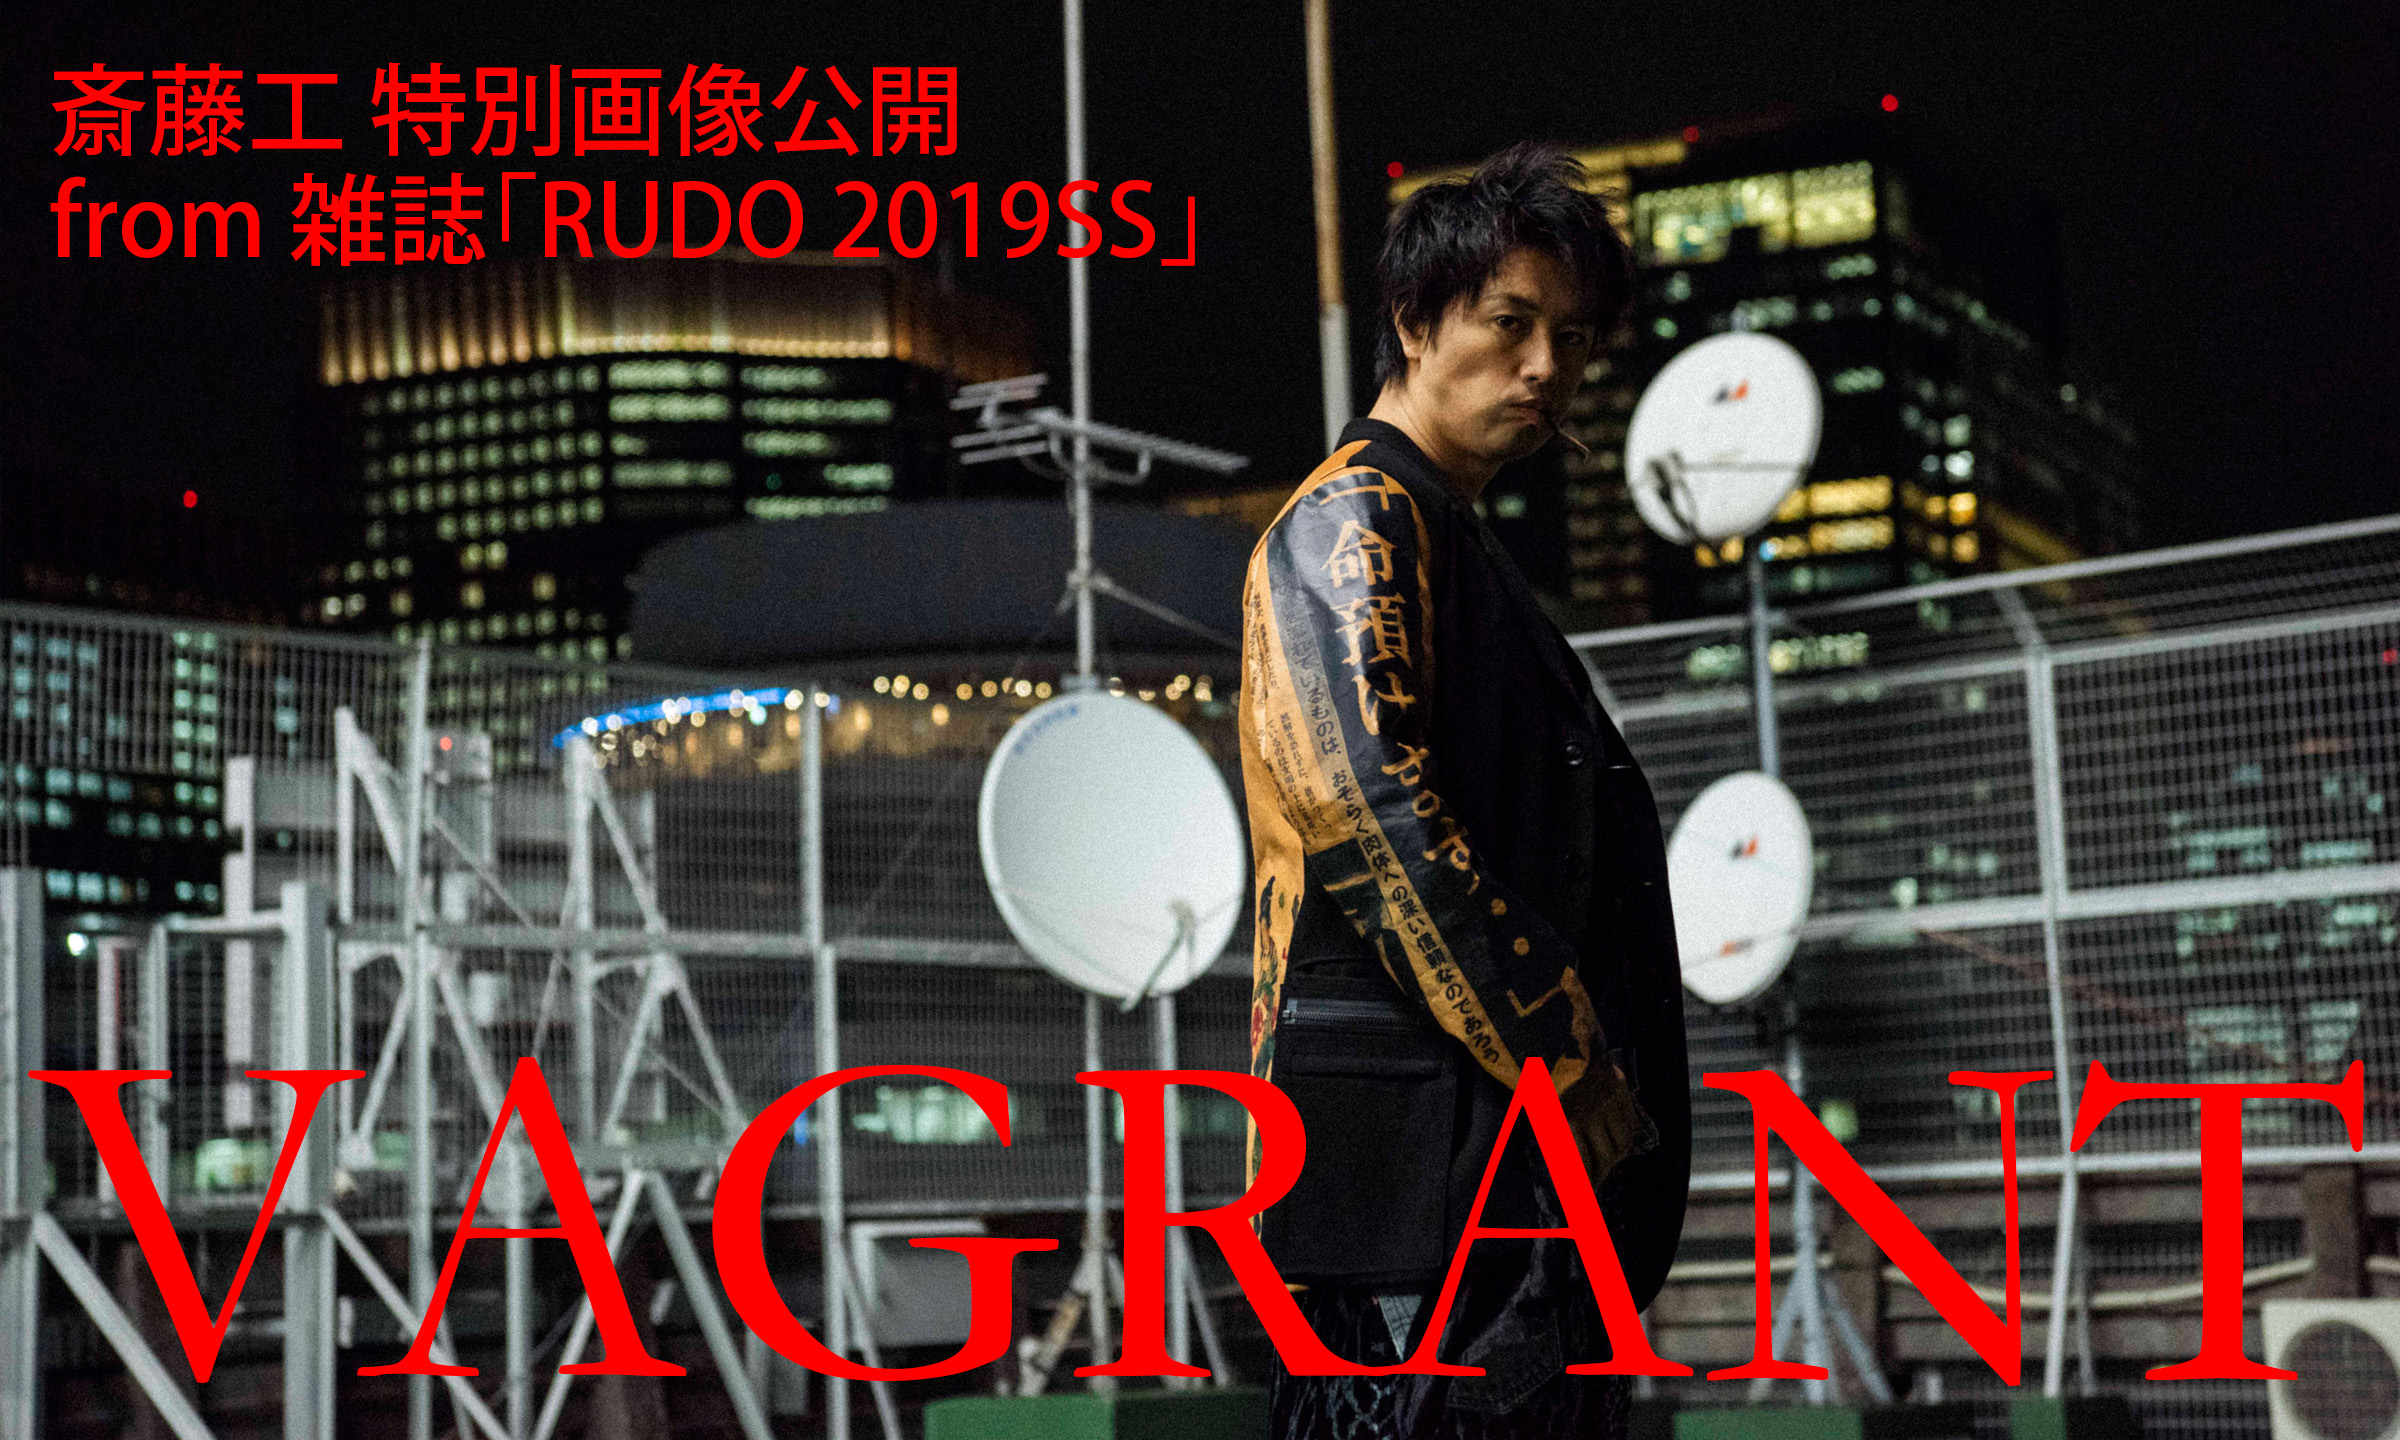 雑誌「RUDO2019SS」掲載企画の未公開カットを公開! 斎藤工 -VAGRANT-